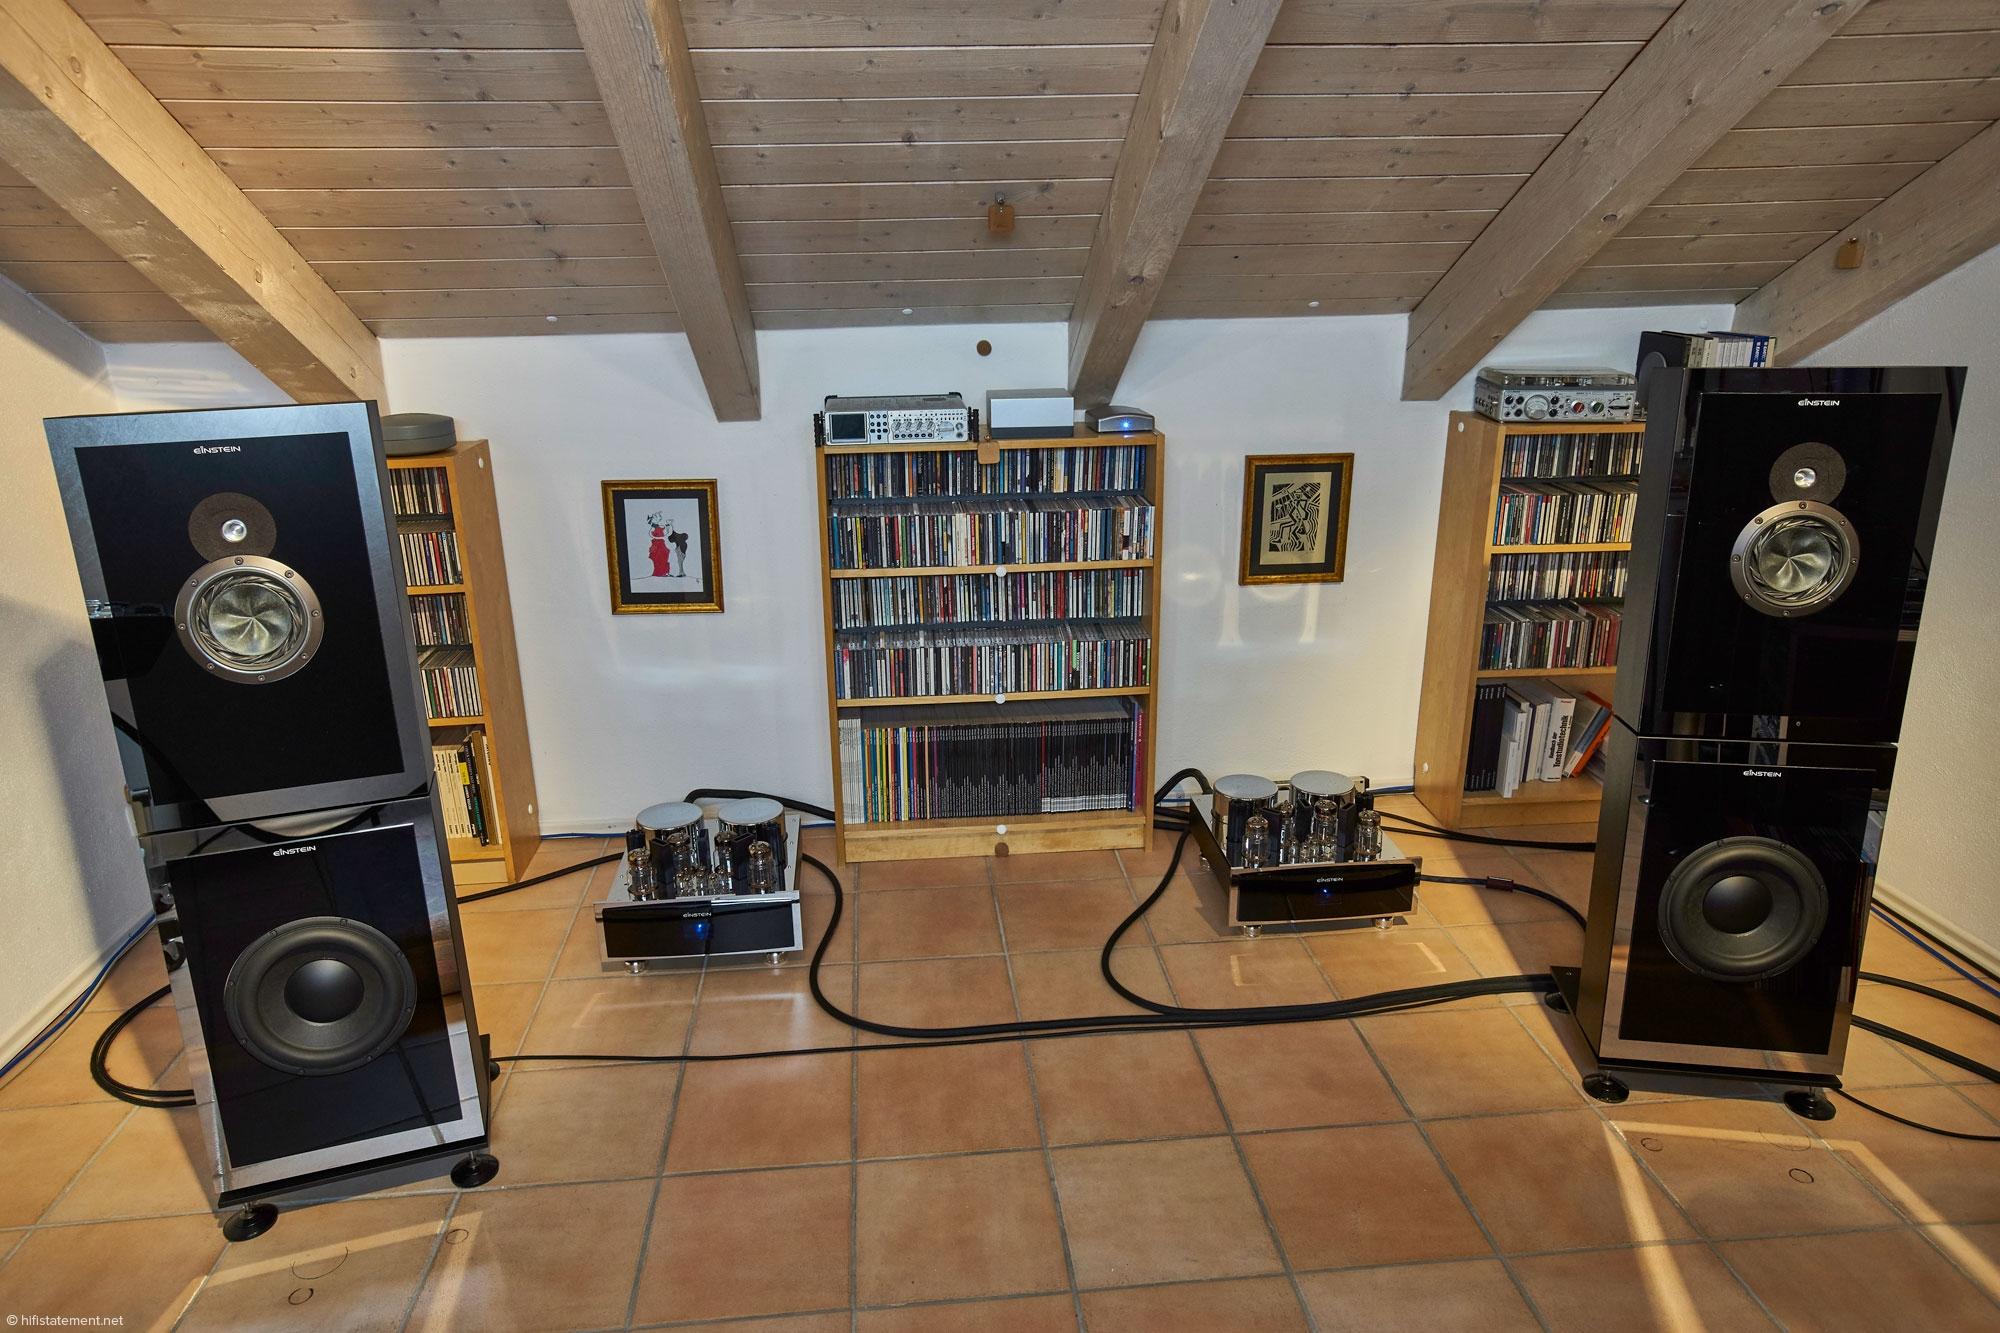 einstein audio components. Black Bedroom Furniture Sets. Home Design Ideas